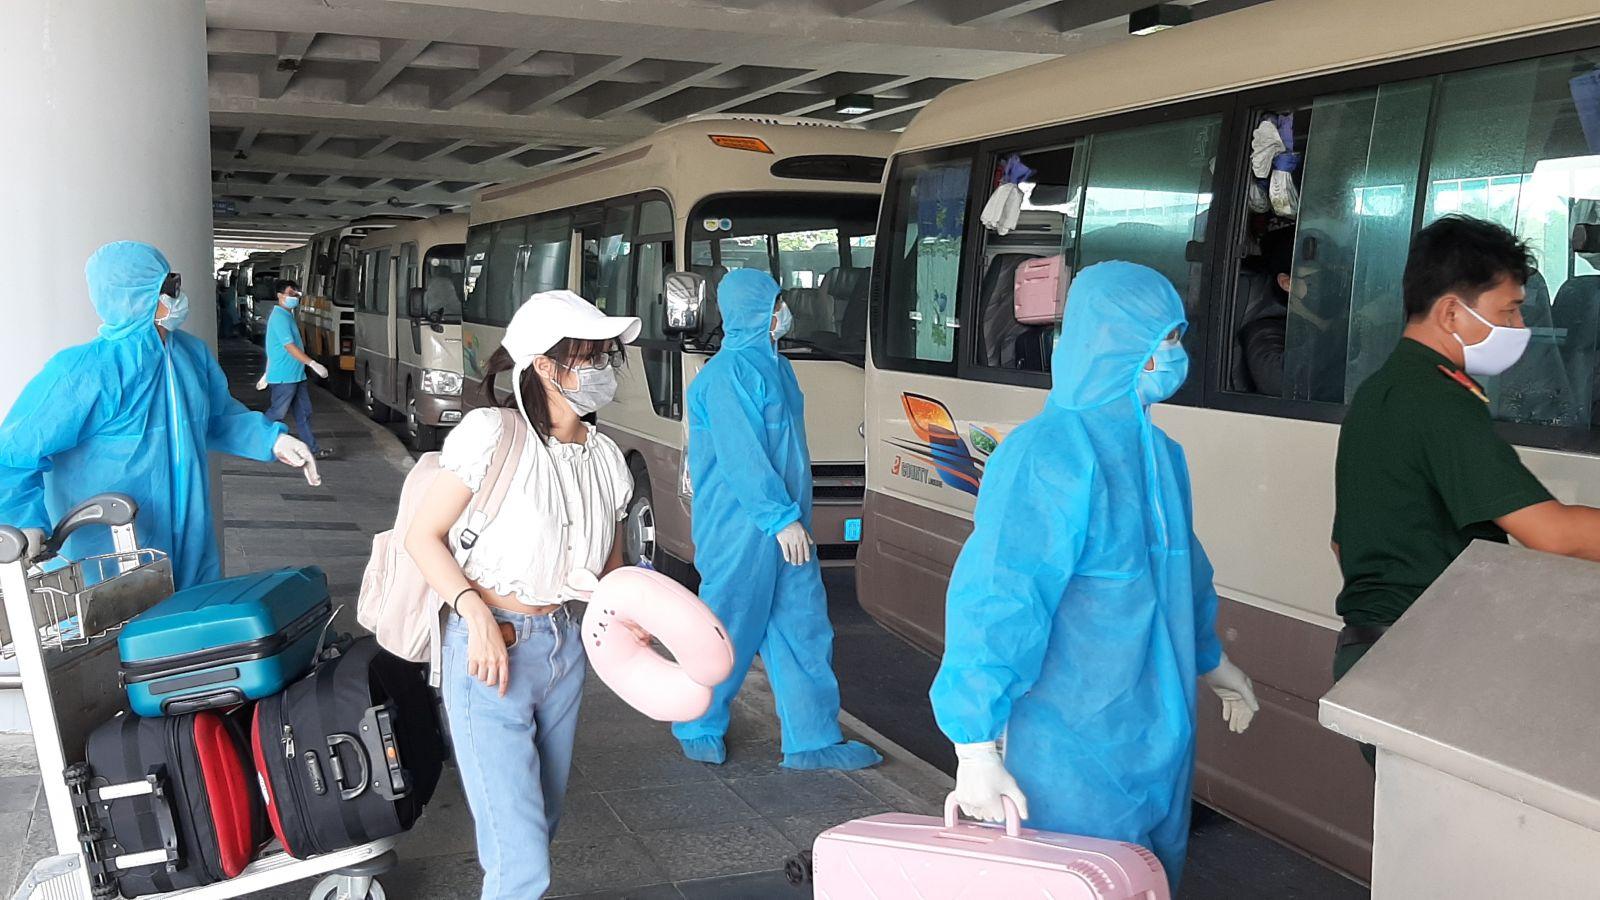 Đón hành khách về từ Hàn Quốc đưa đến các khu cách ly. (Ảnh qua tuoitre)